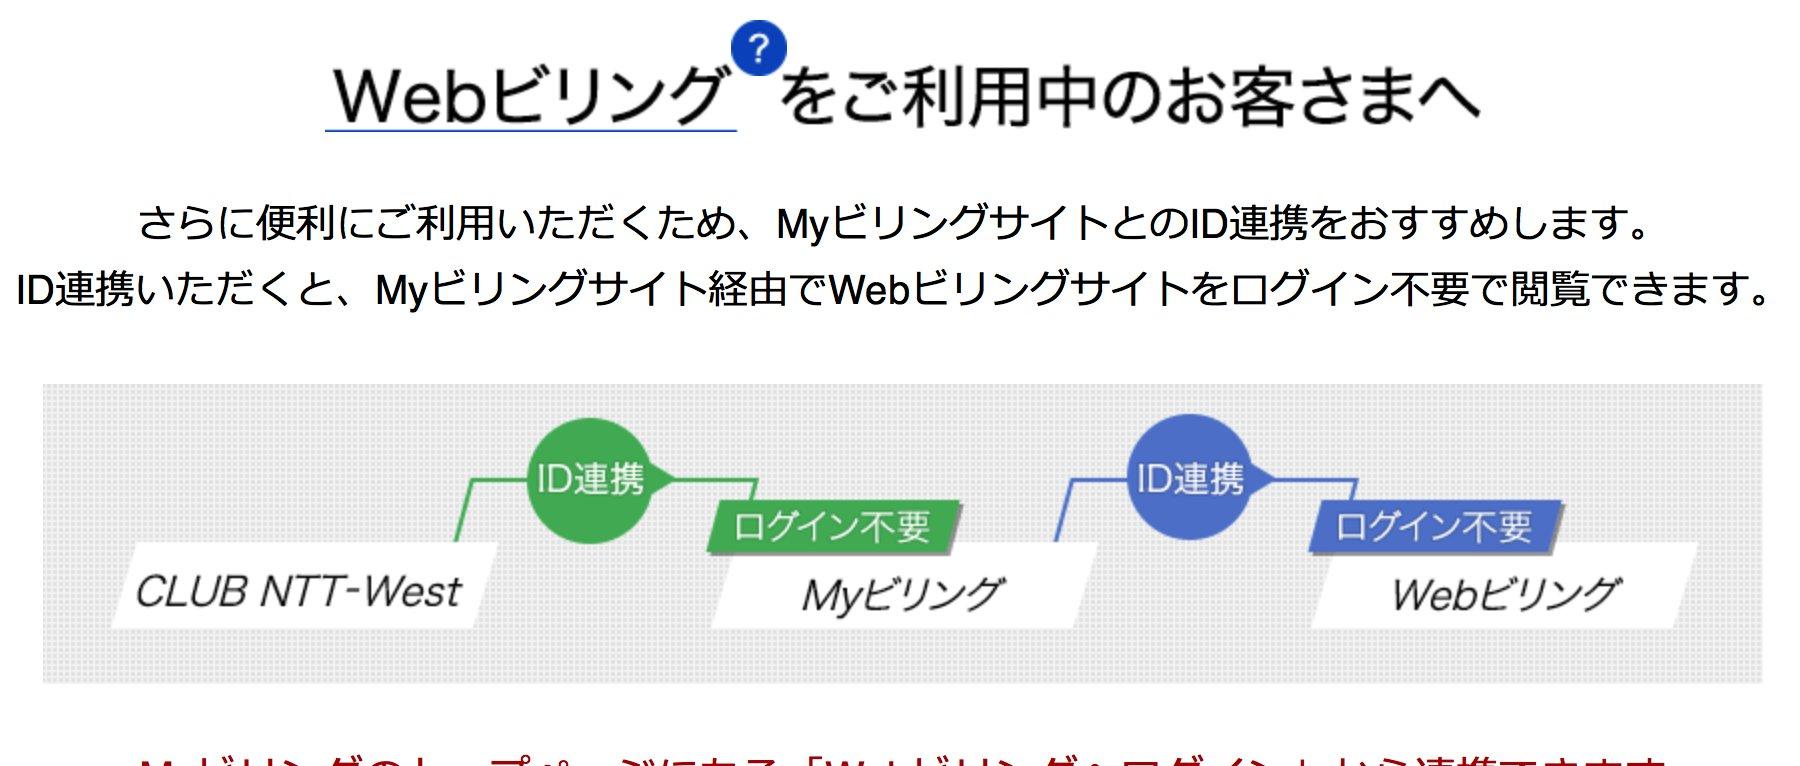 ビリング ntt web